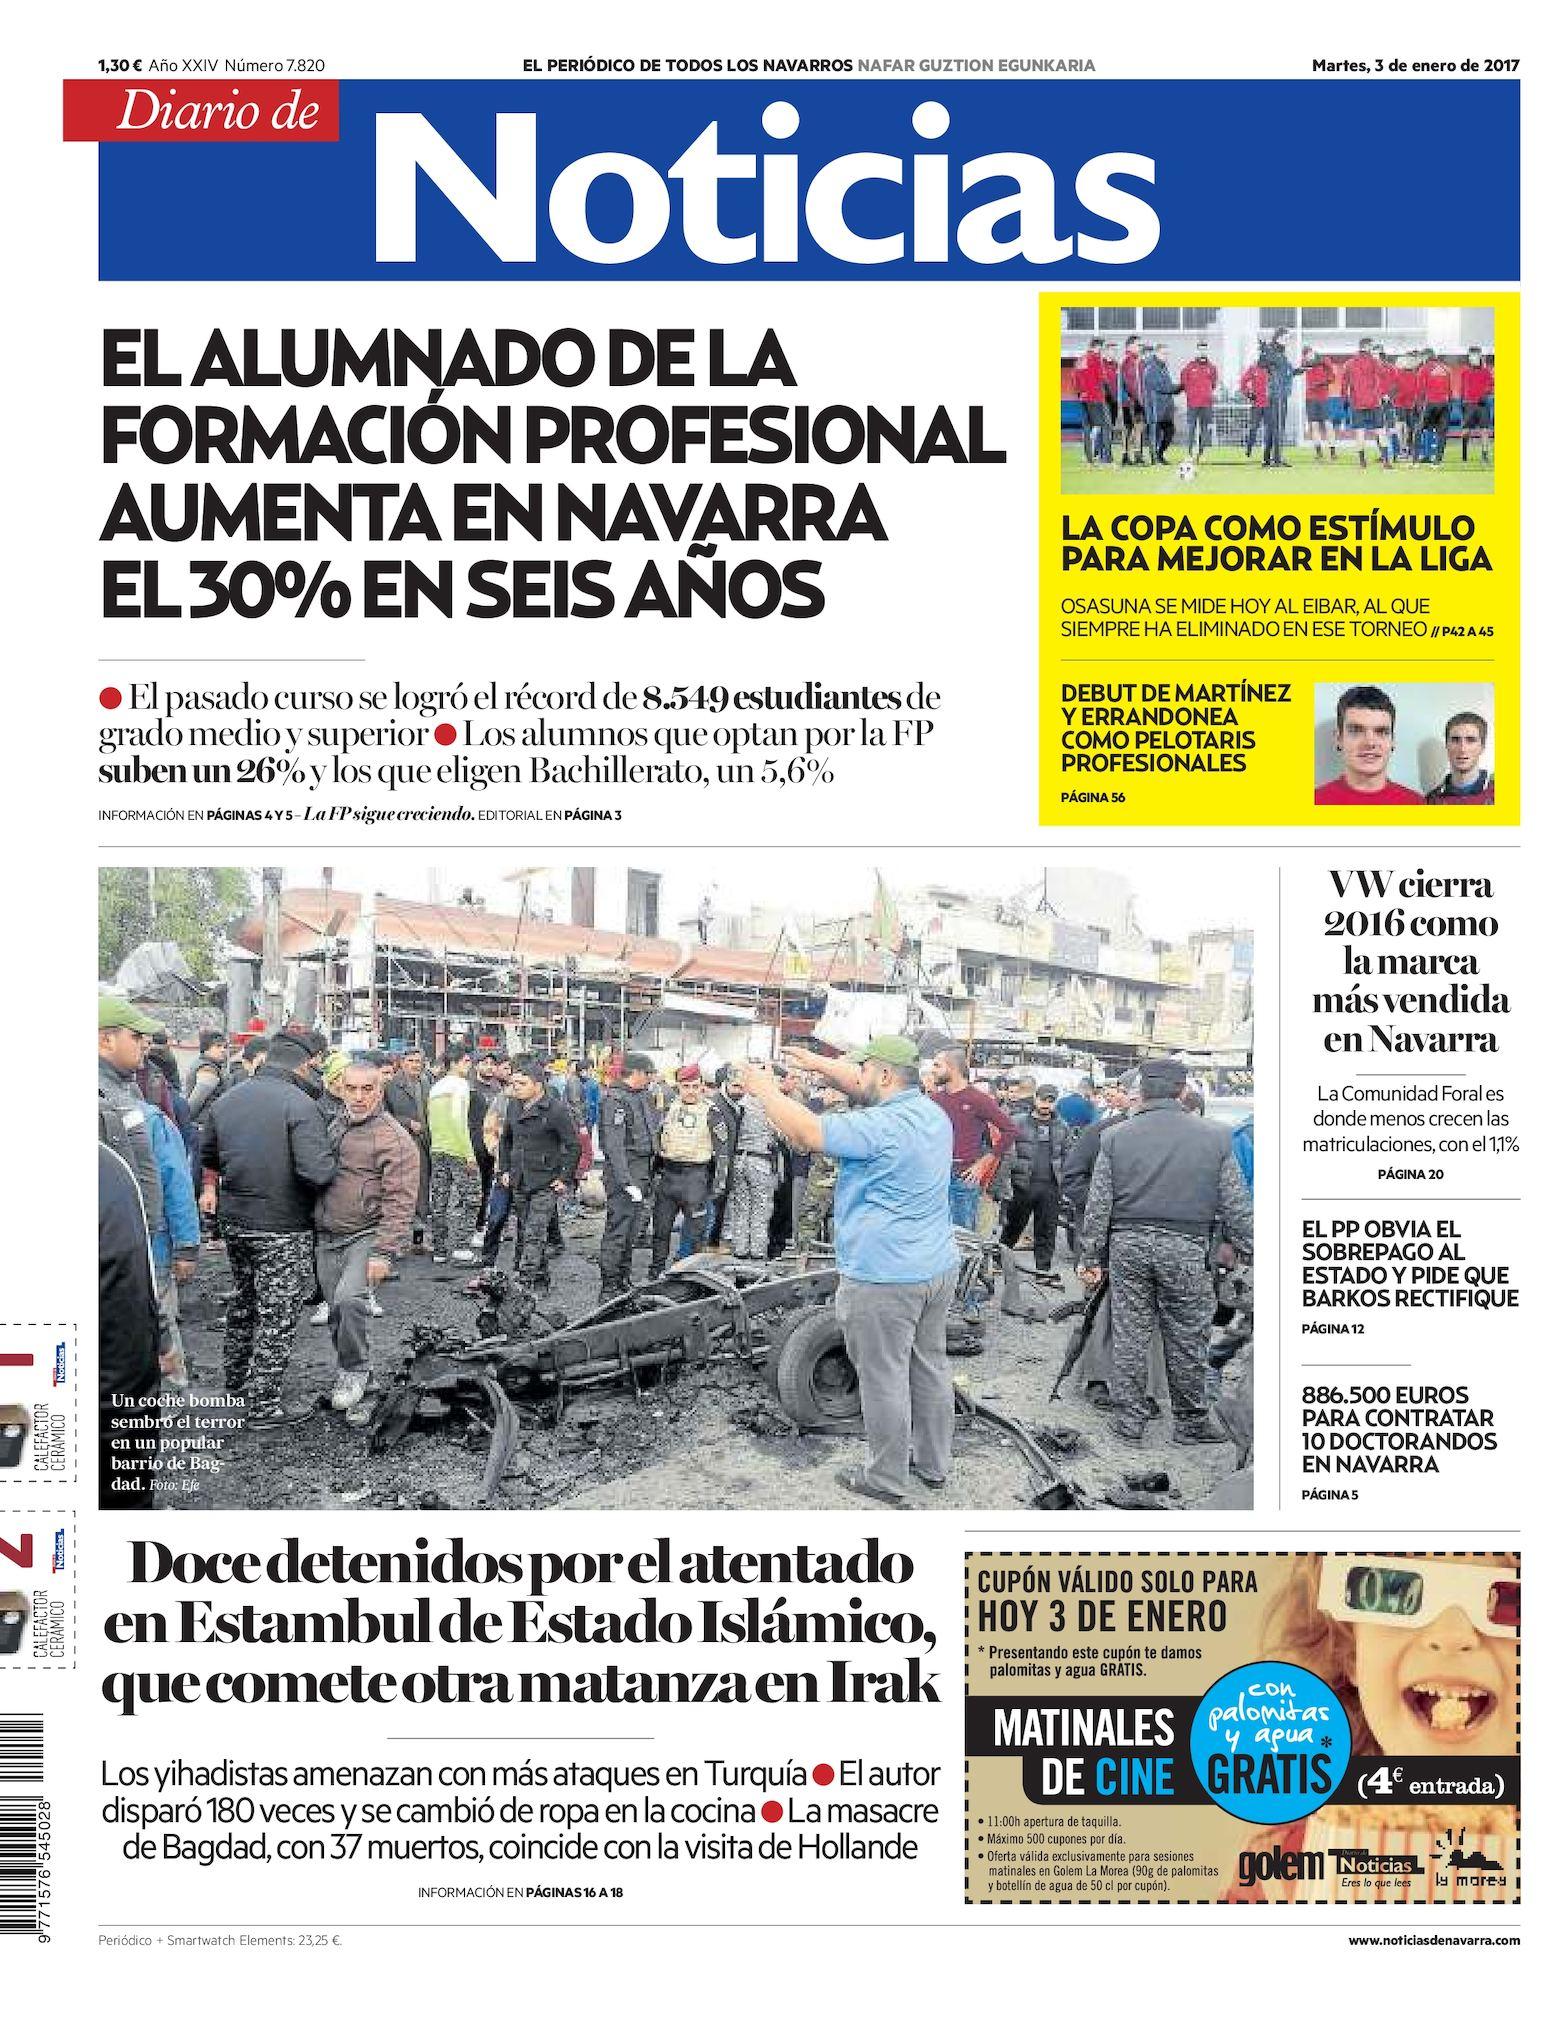 dd80221eb7e7d Calaméo - Diario de Noticias 20170103